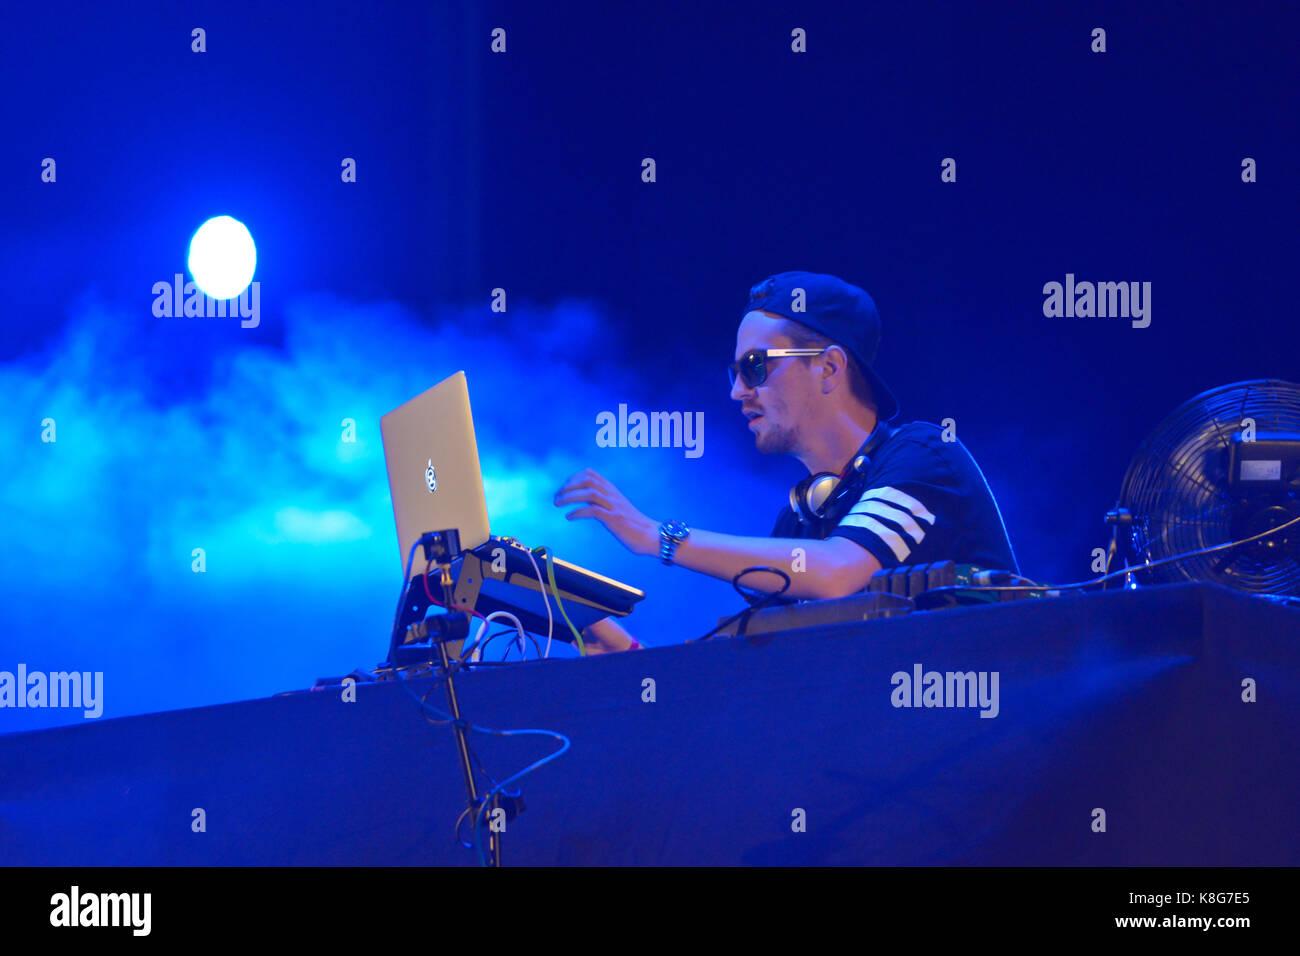 Robin Schulz, deutscher DJ und Produzent, auf der Halbinsel Waddington in Rouen anlässlich der kostenlose Konzerte, Stockbild